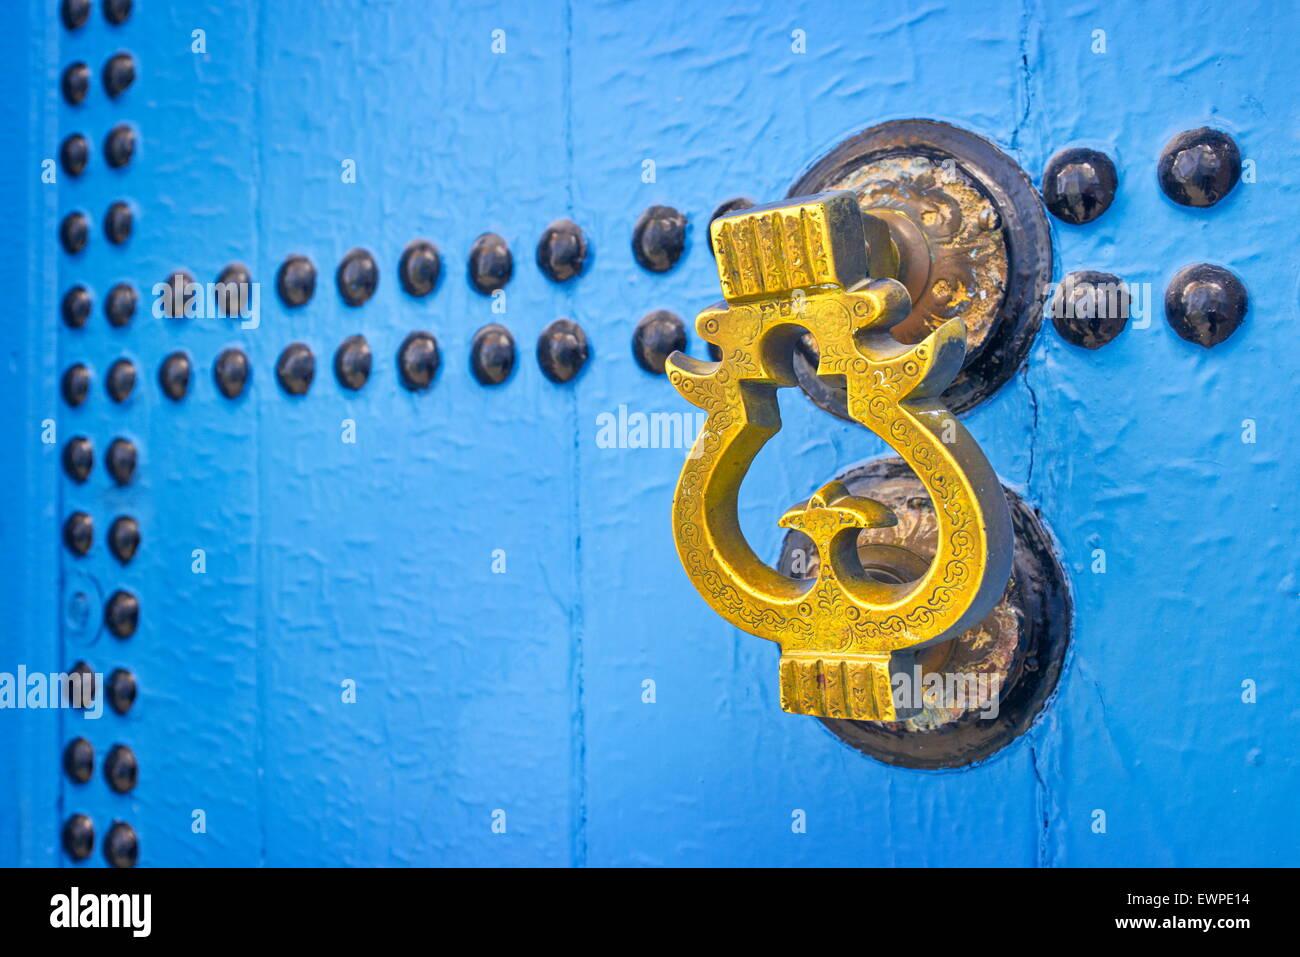 Este martinete, puerta de Chefchaouen (Chaouen) conocida como la ciudad azul, Marruecos. Imagen De Stock